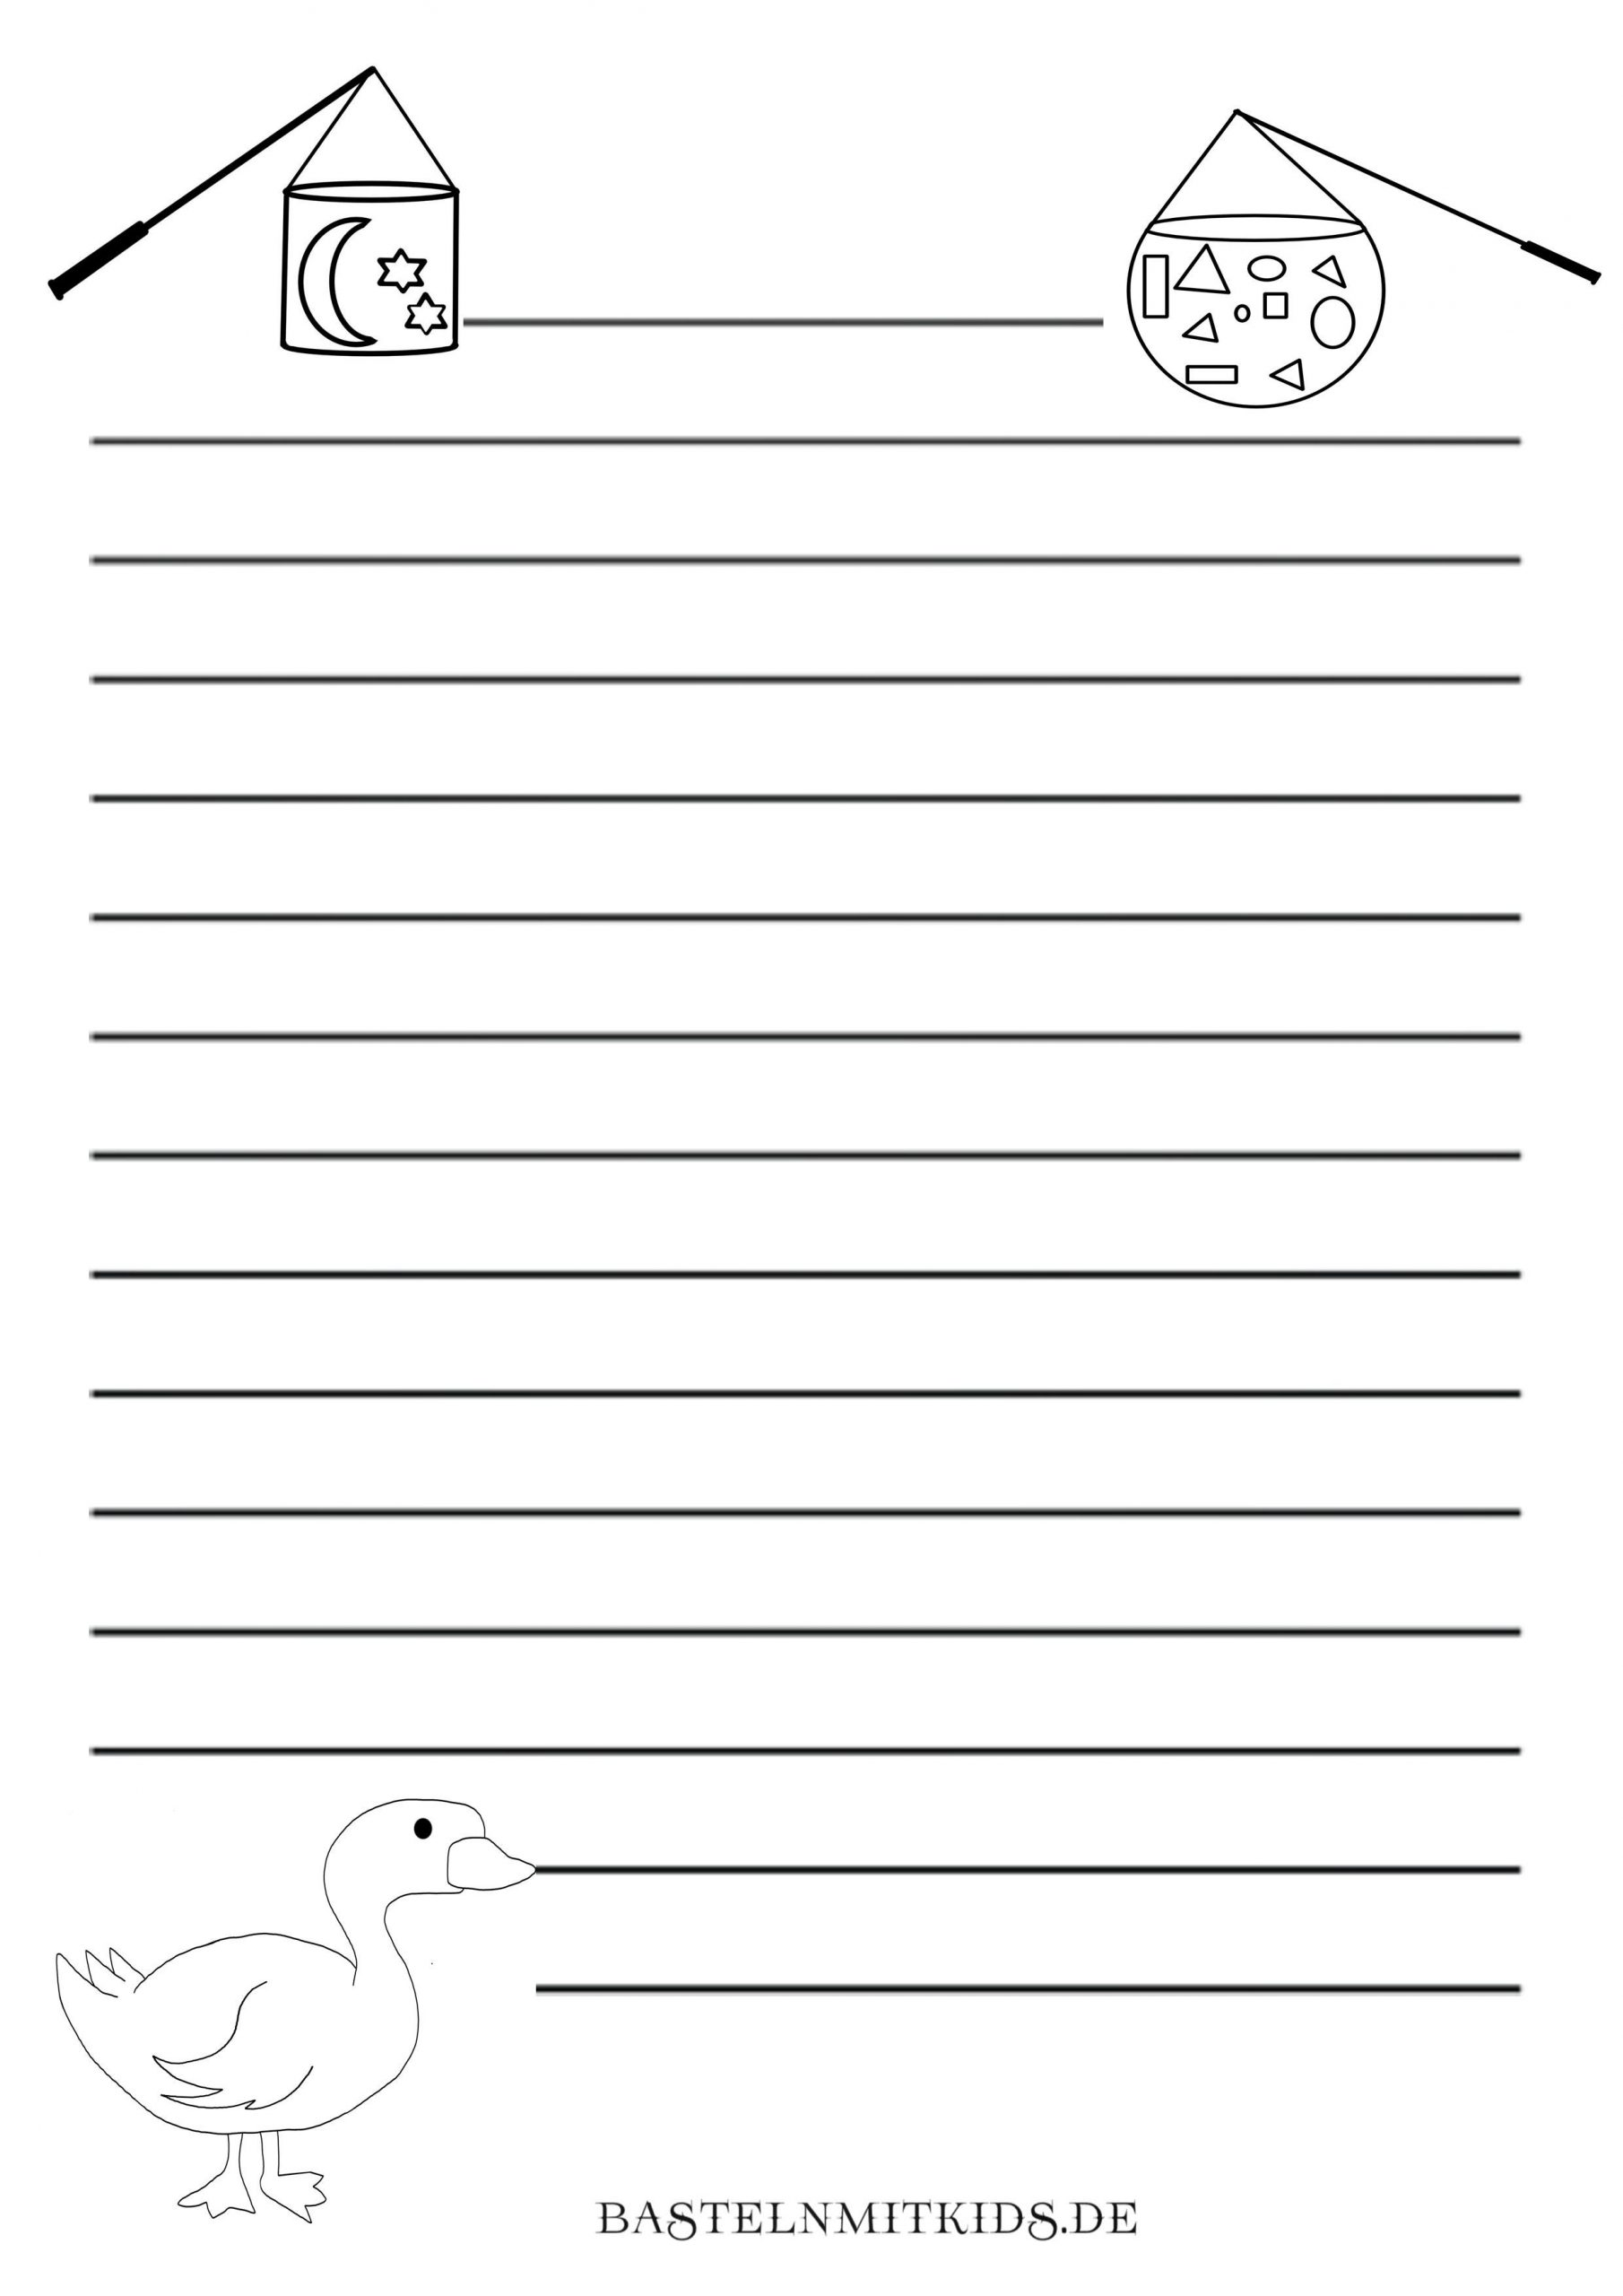 Malvorlagen Und Briefpapier Gratis Zum Drucken - Basteln Mit für Briefpapier Zum Ausdrucken